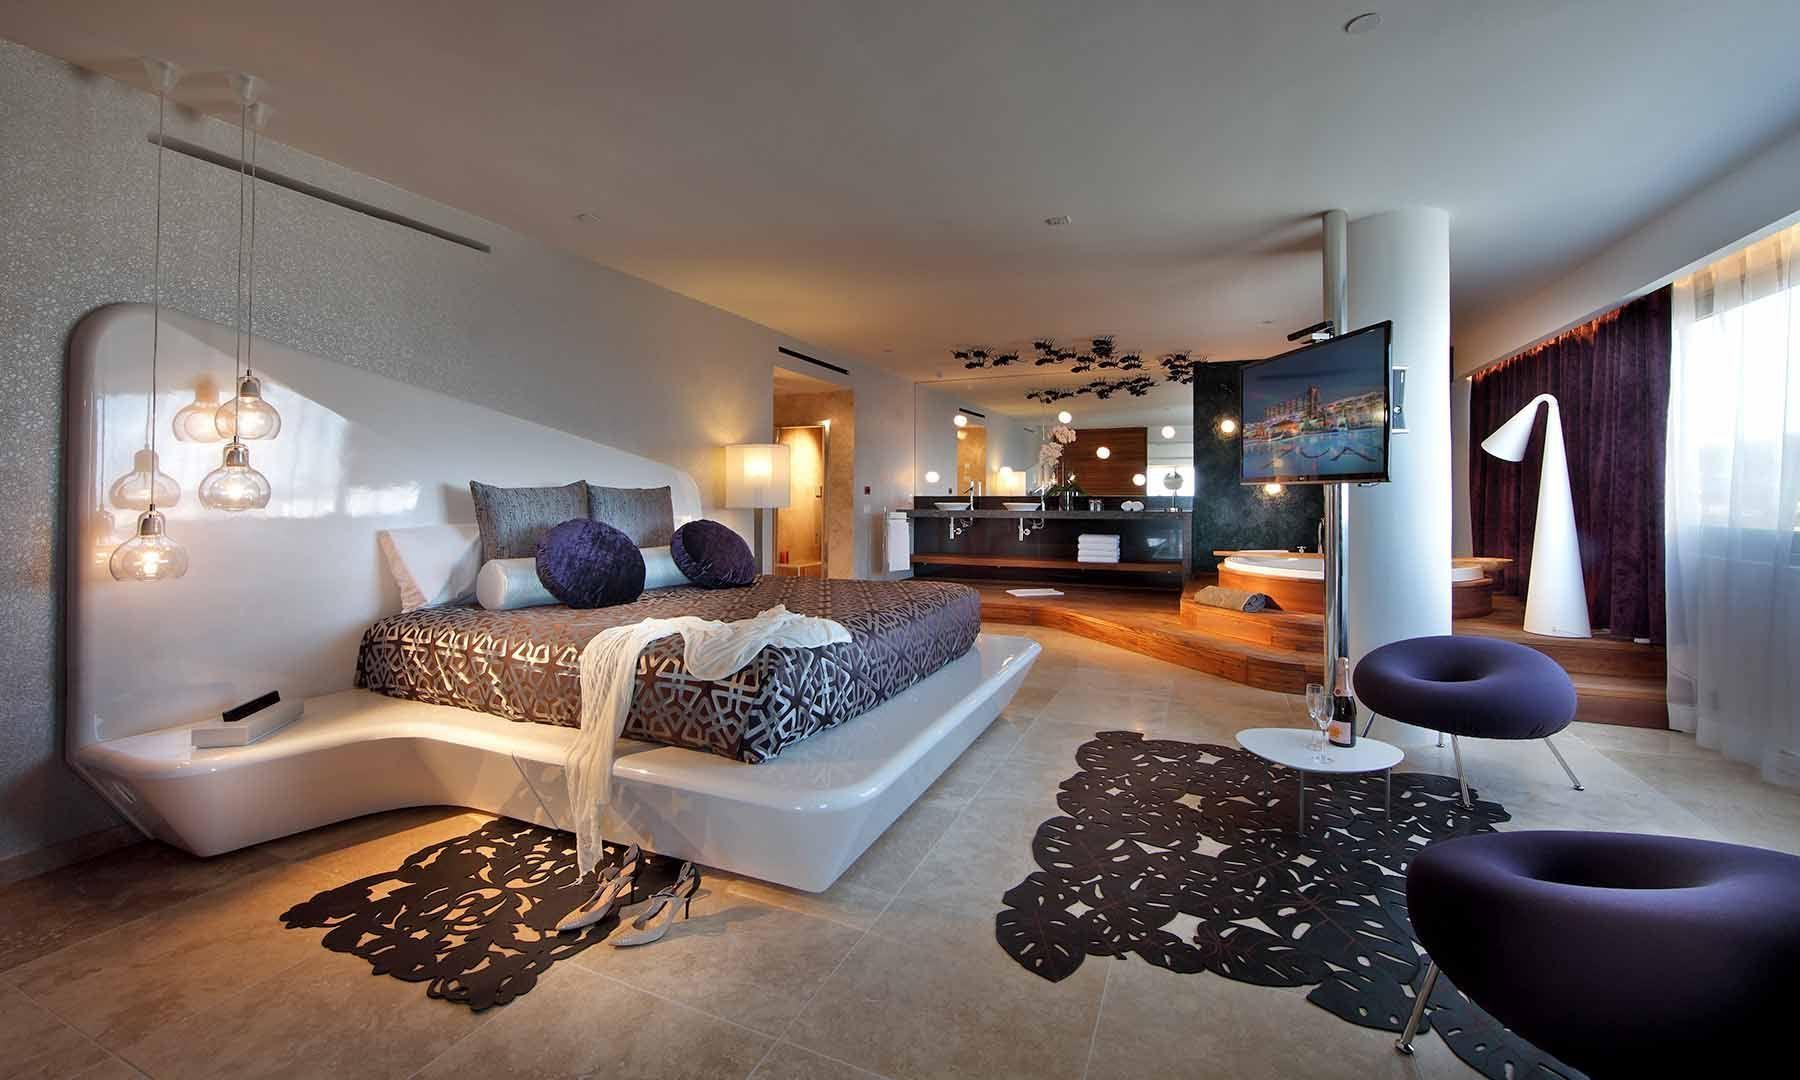 Die Schonsten Hotelzimmer In Der Welt Luxusschlafzimmer Hotelzimmer Ibiza Hotel